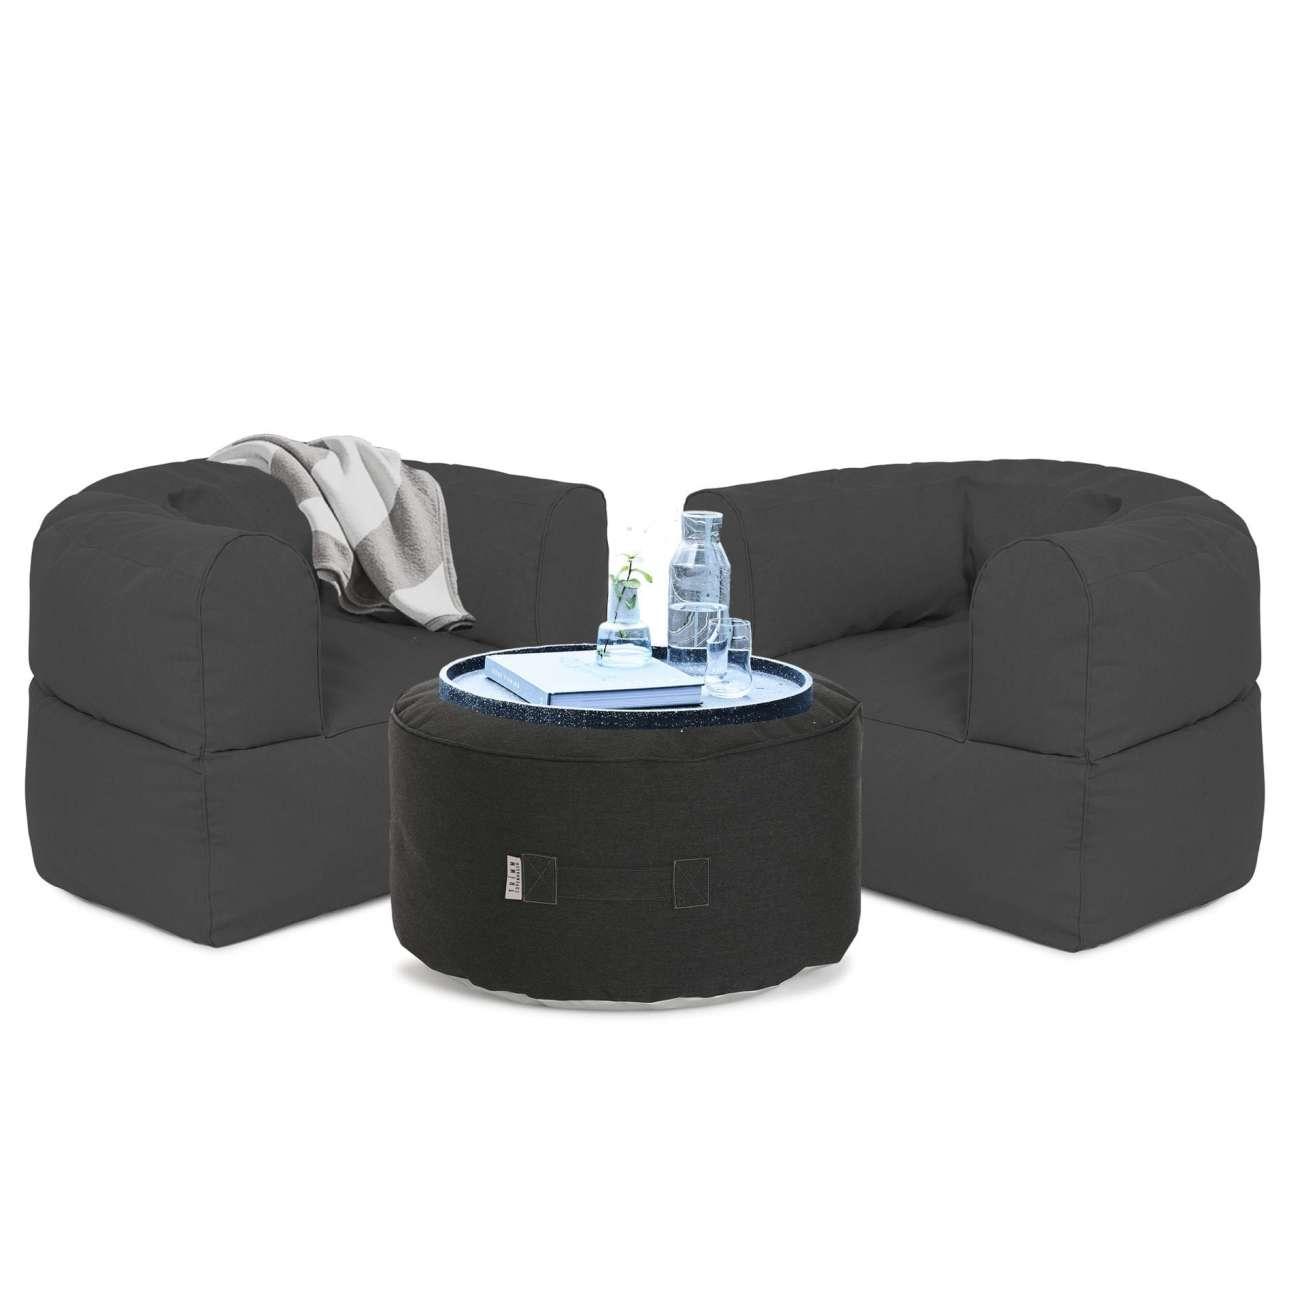 Arm-strong-sett-antrasitt Hagemøbler og utemøbler - Fine design